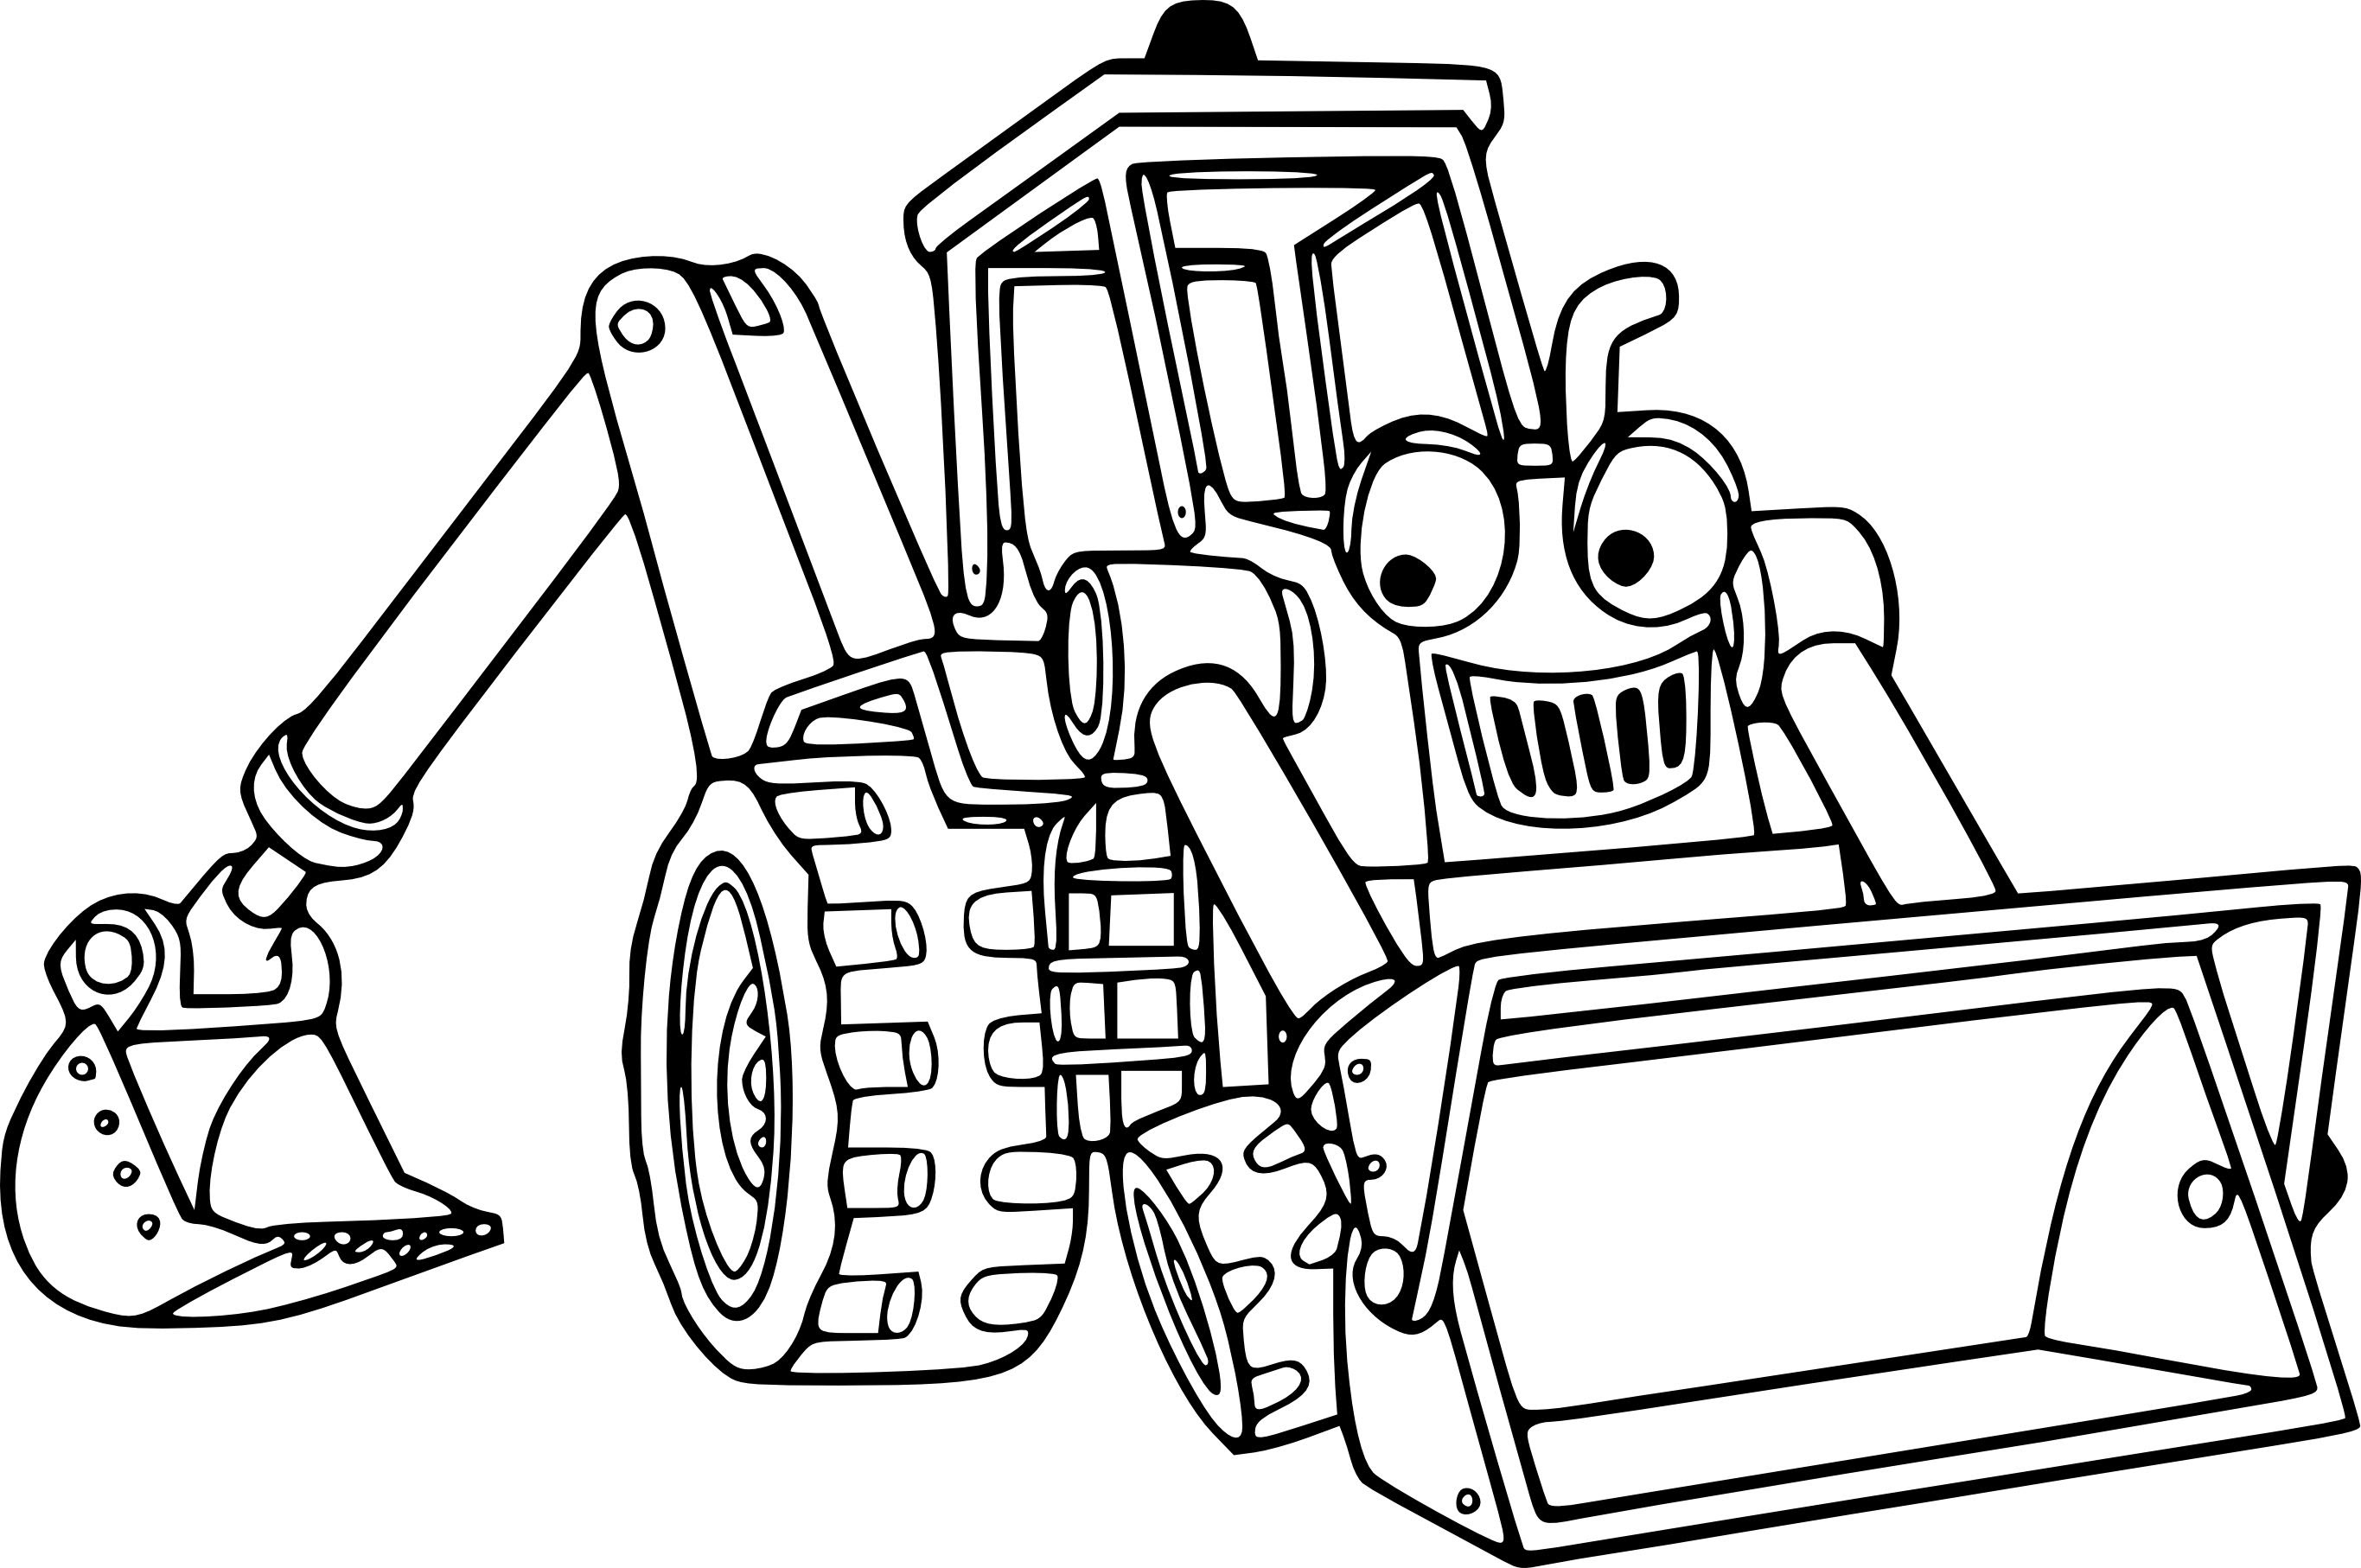 Dessin A Imprimer Tracteur Remorque Vedkokeven Blogspot Com